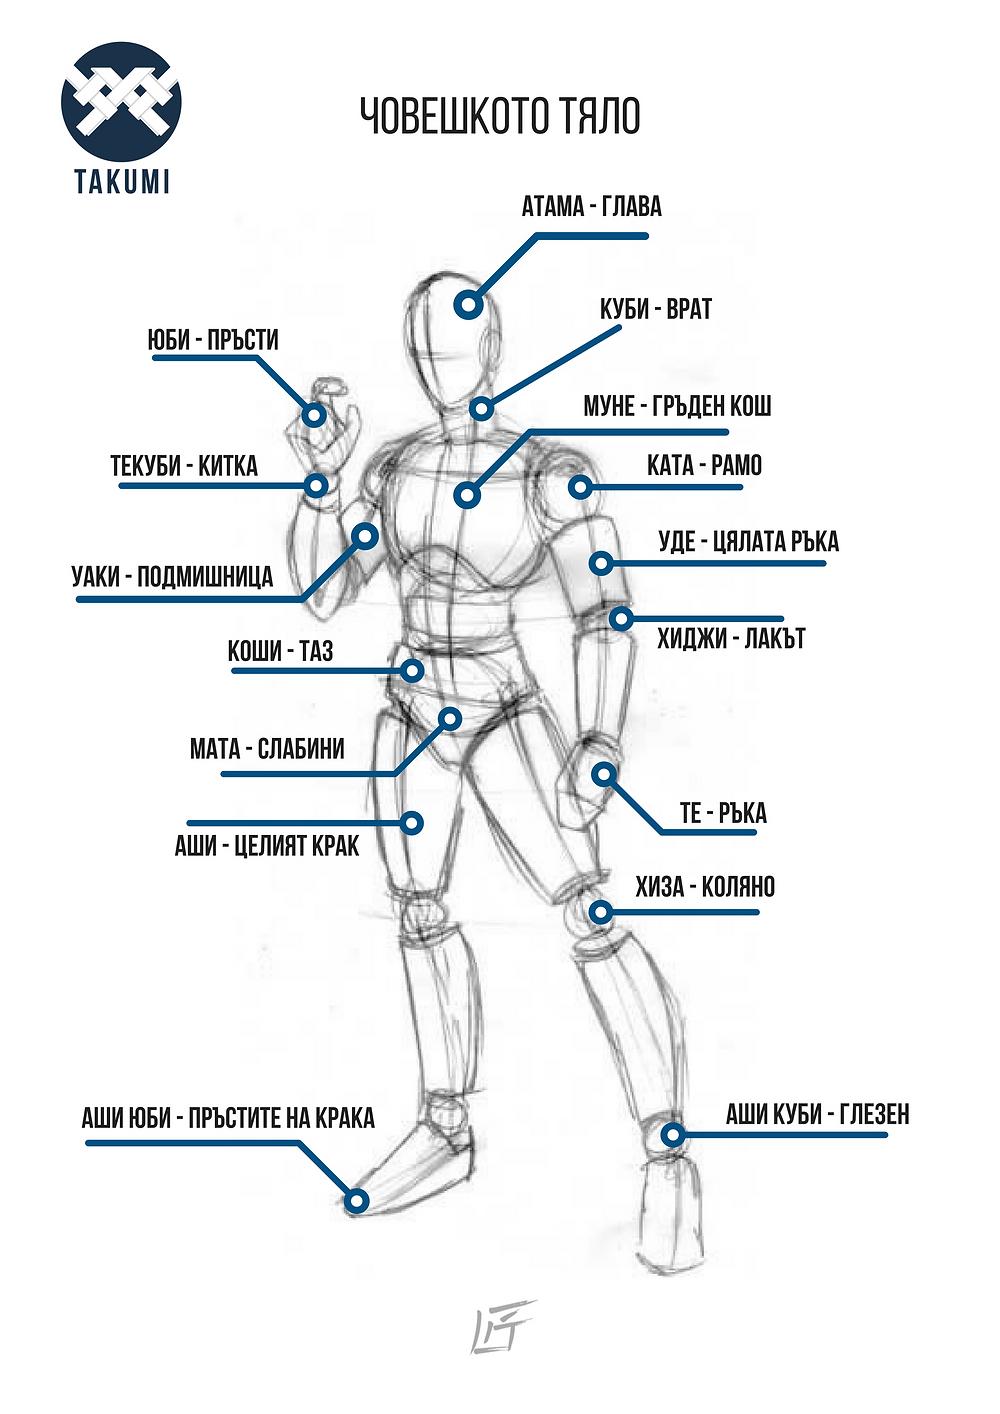 Айкидо клбу такуми - човешкото тяло на японски